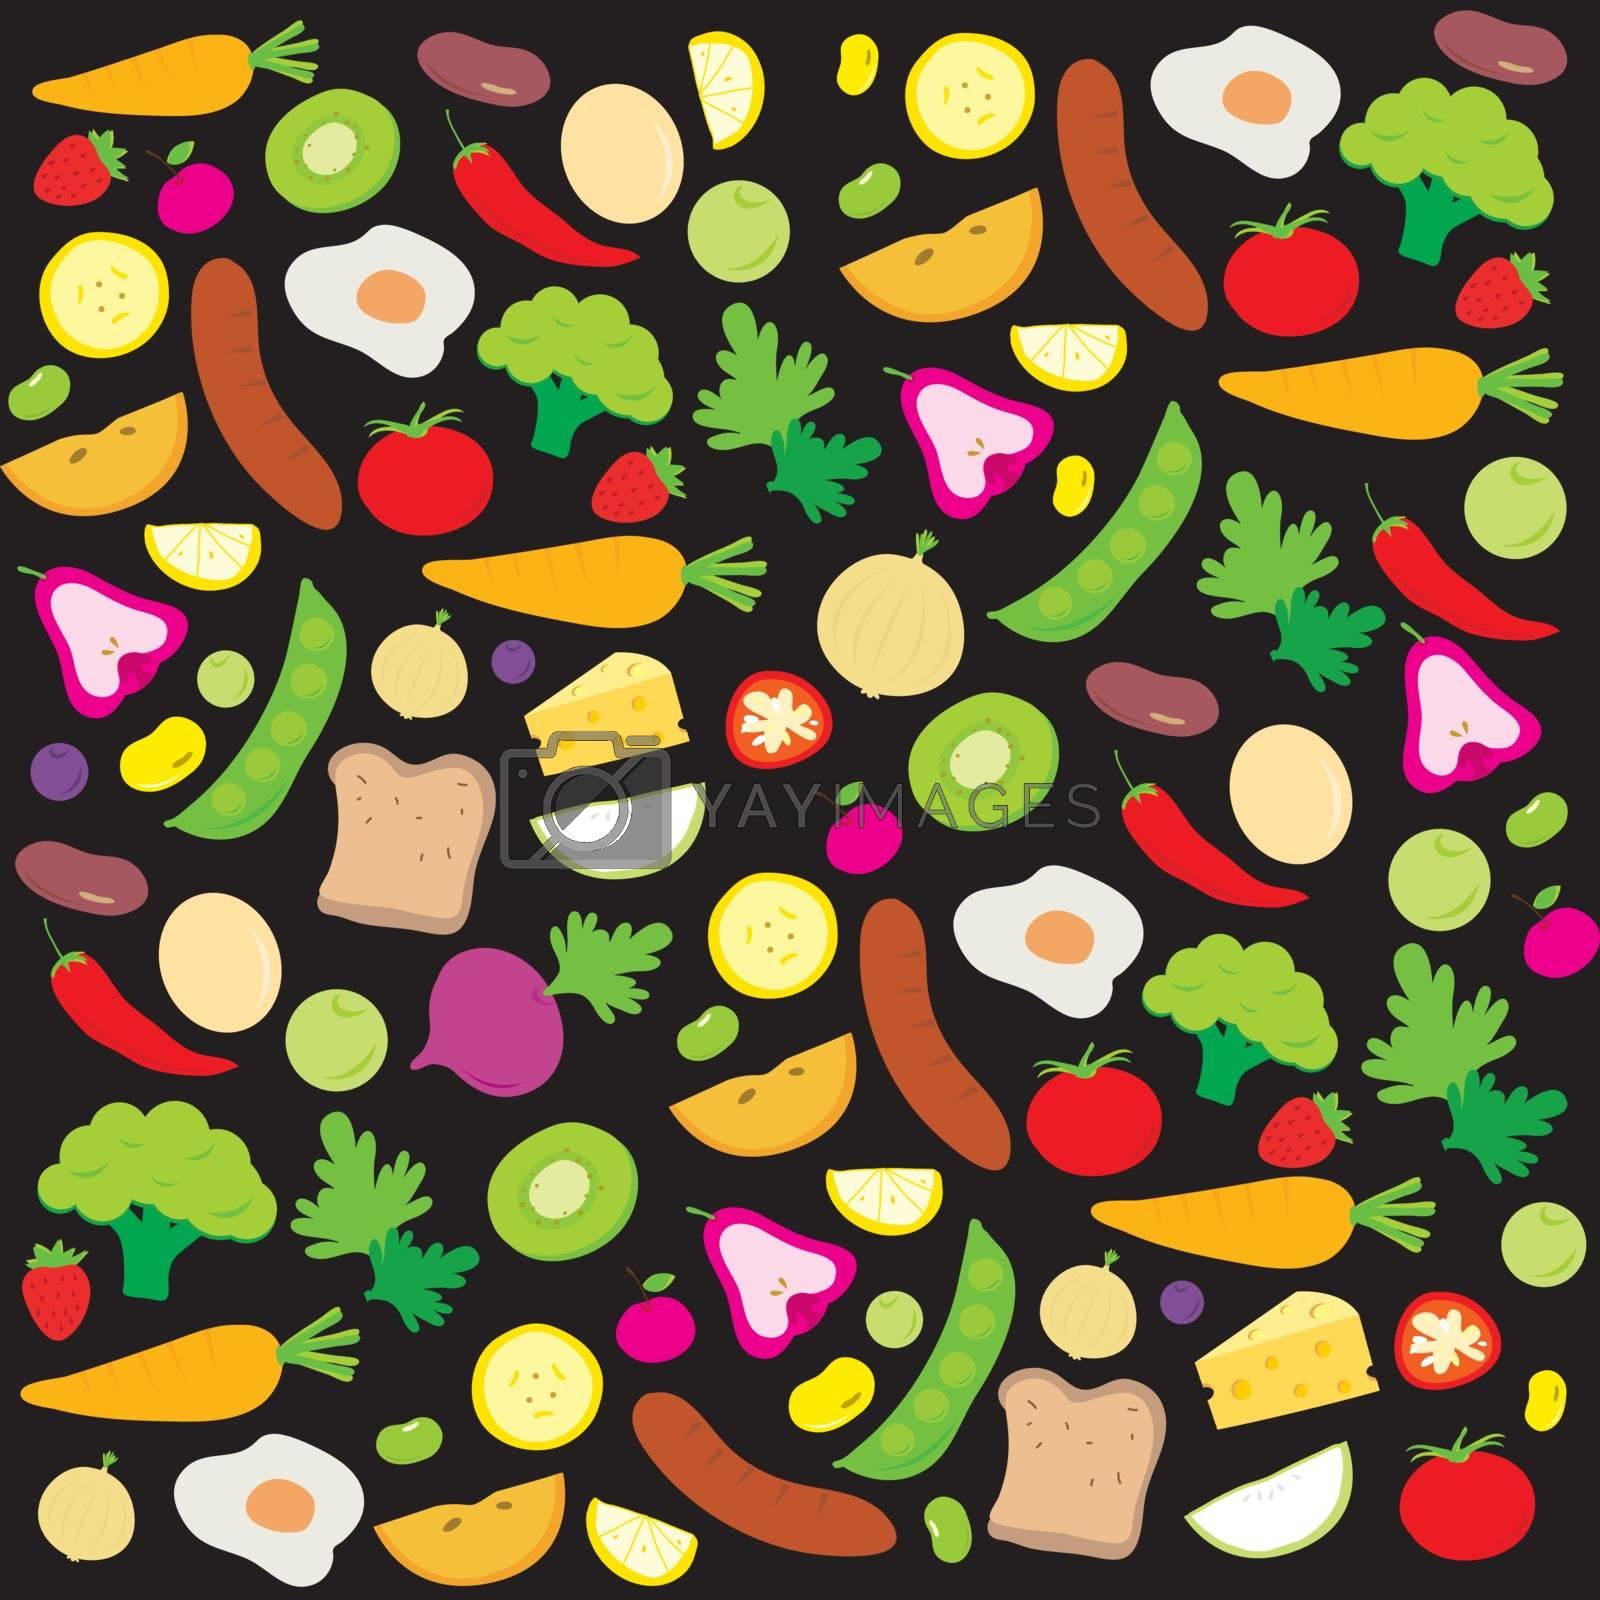 Royalty free image of Fruit Vegetable Healthy Food Cook Ingredient Nutrient cartoon vector by Ienjoyeverytime